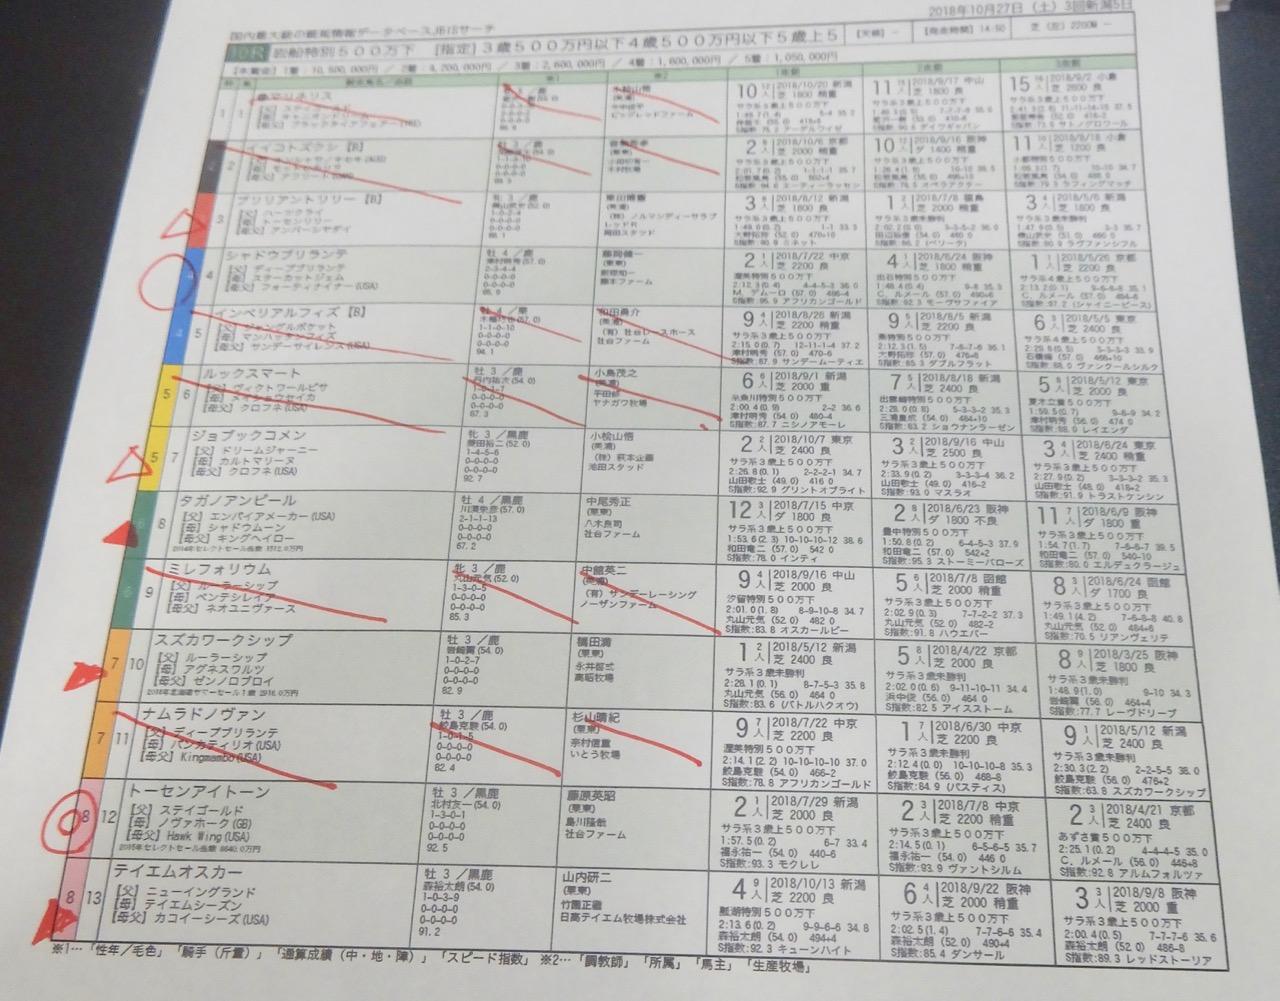 新潟10レース、岩船特別(芝2200m)競馬予想。馬券本命、ステイゴールド産駒トーセンアイトーン(北村友一騎手、藤原英昭厩舎)2018.10.27